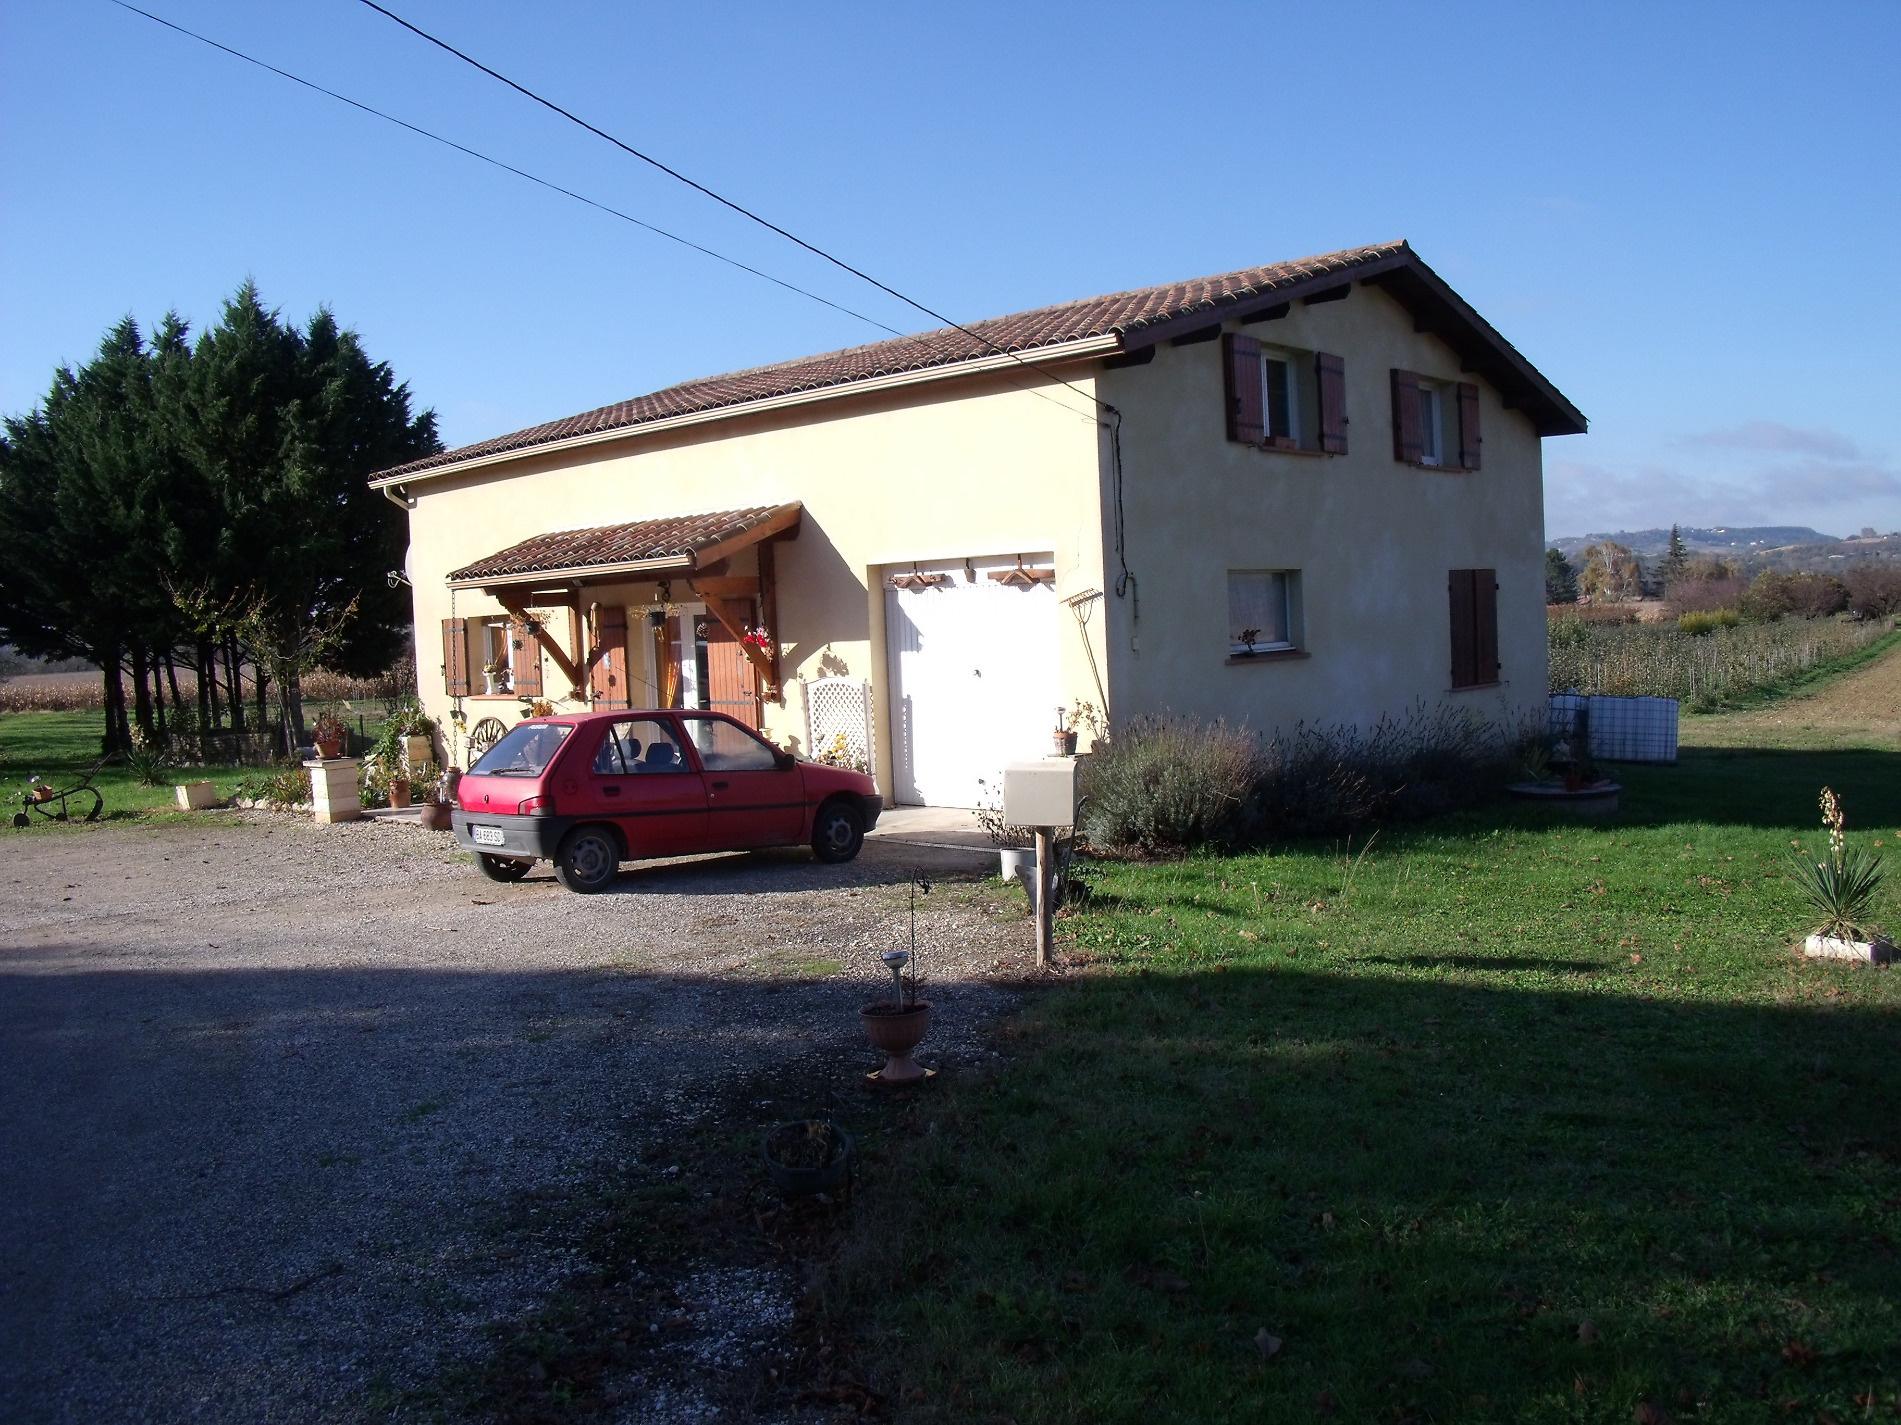 Vente maison/villa 5 pièces bourlens 47370